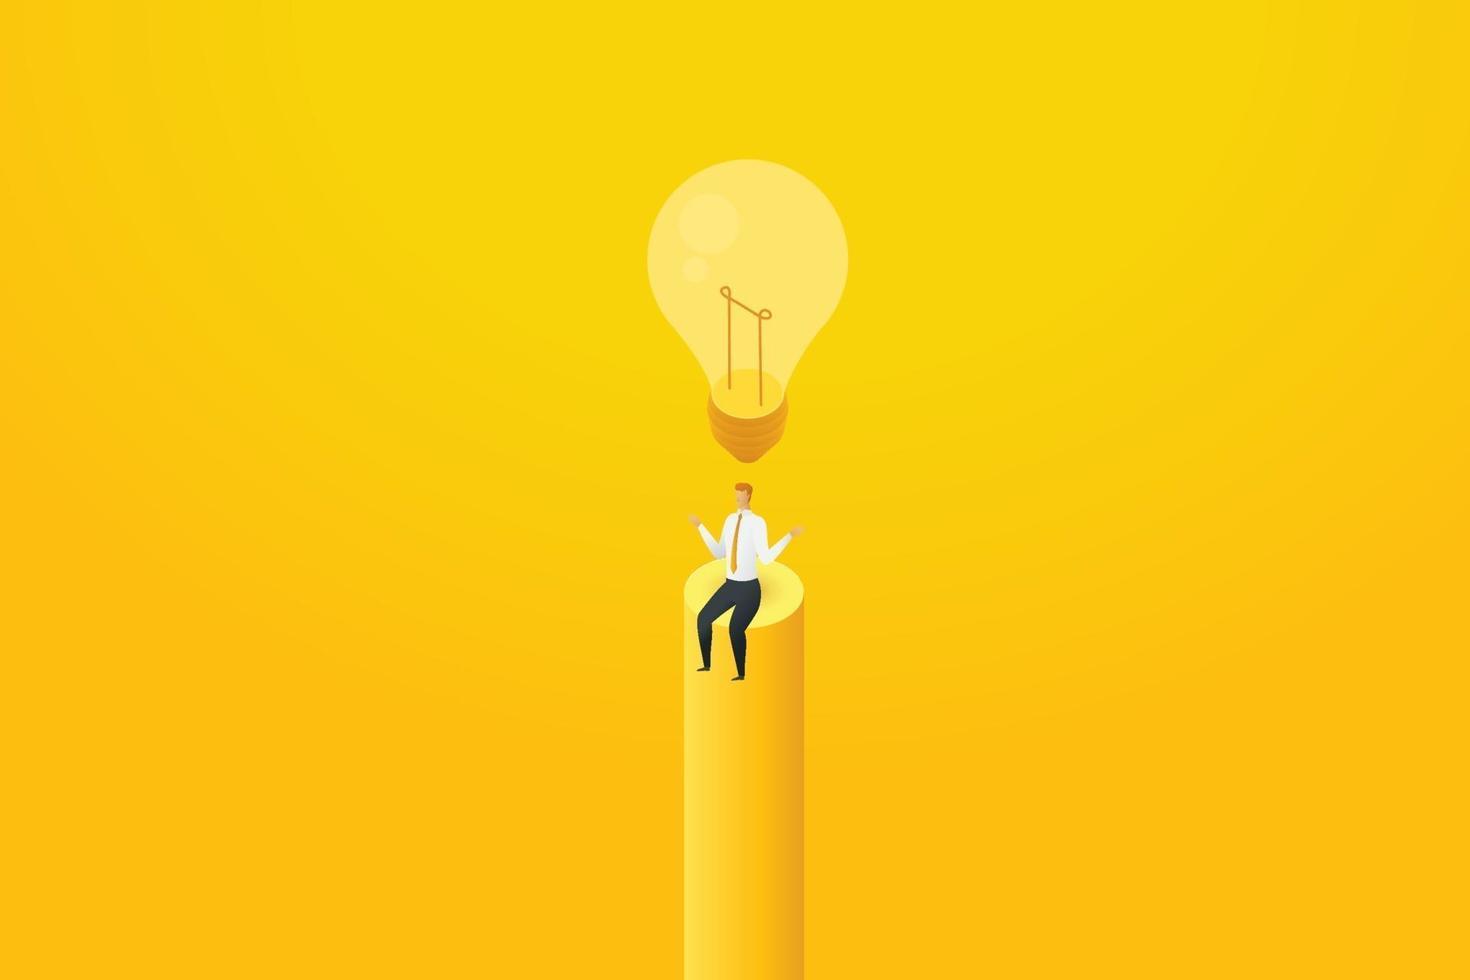 empresário nenhuma ideia sentar-se sob a lâmpada desligada. vetor